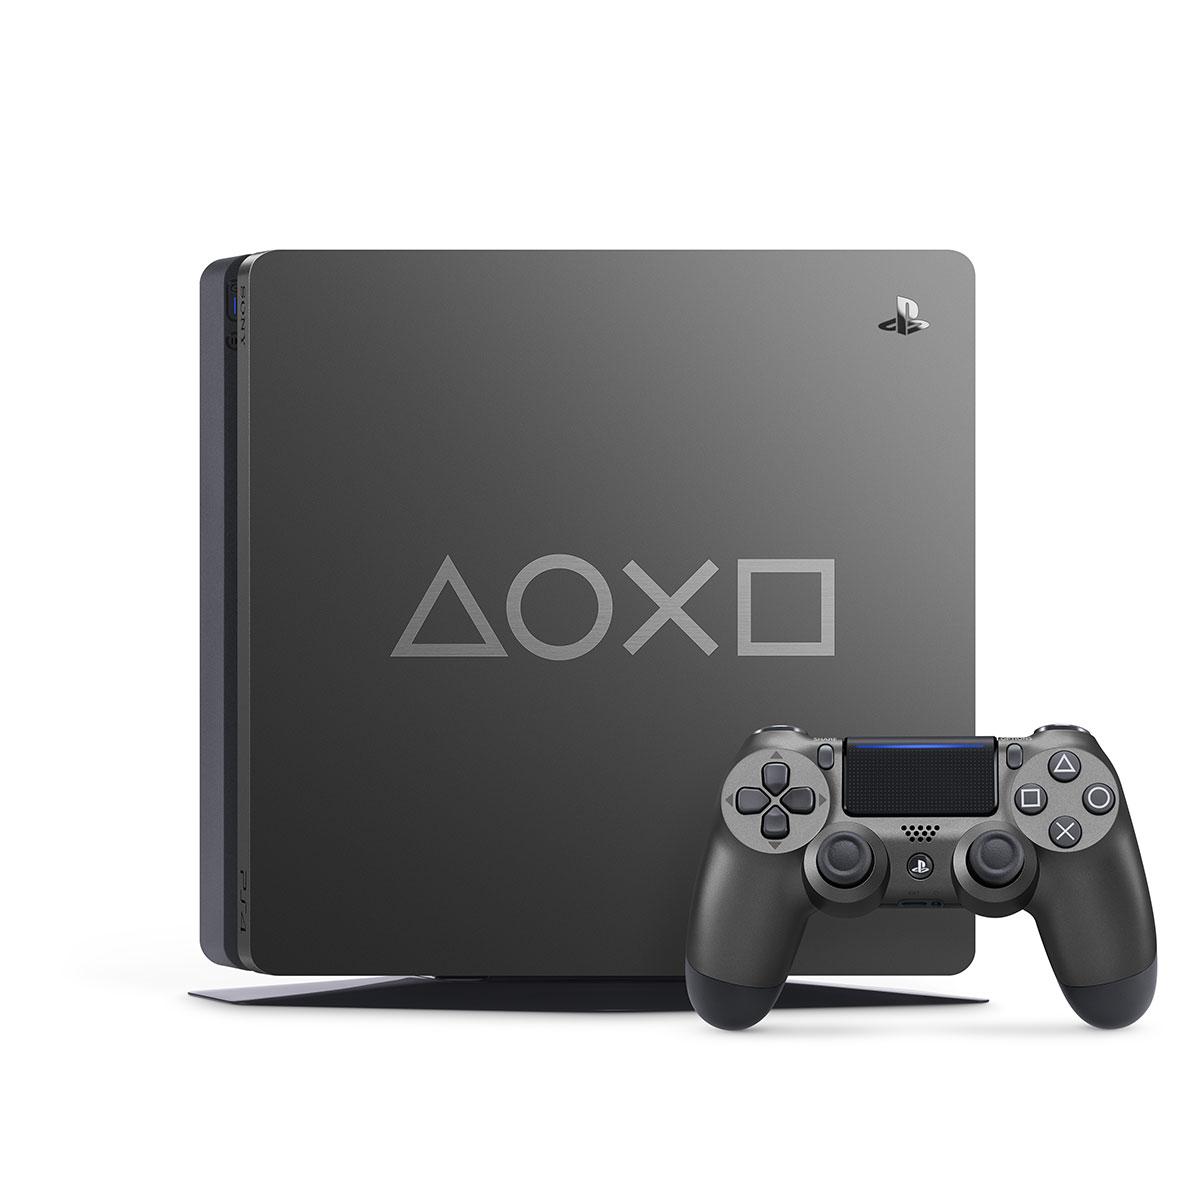 【今週発売の注目製品】ソニーから、29,980円のDays of Play特別デザインPS4本体が登場